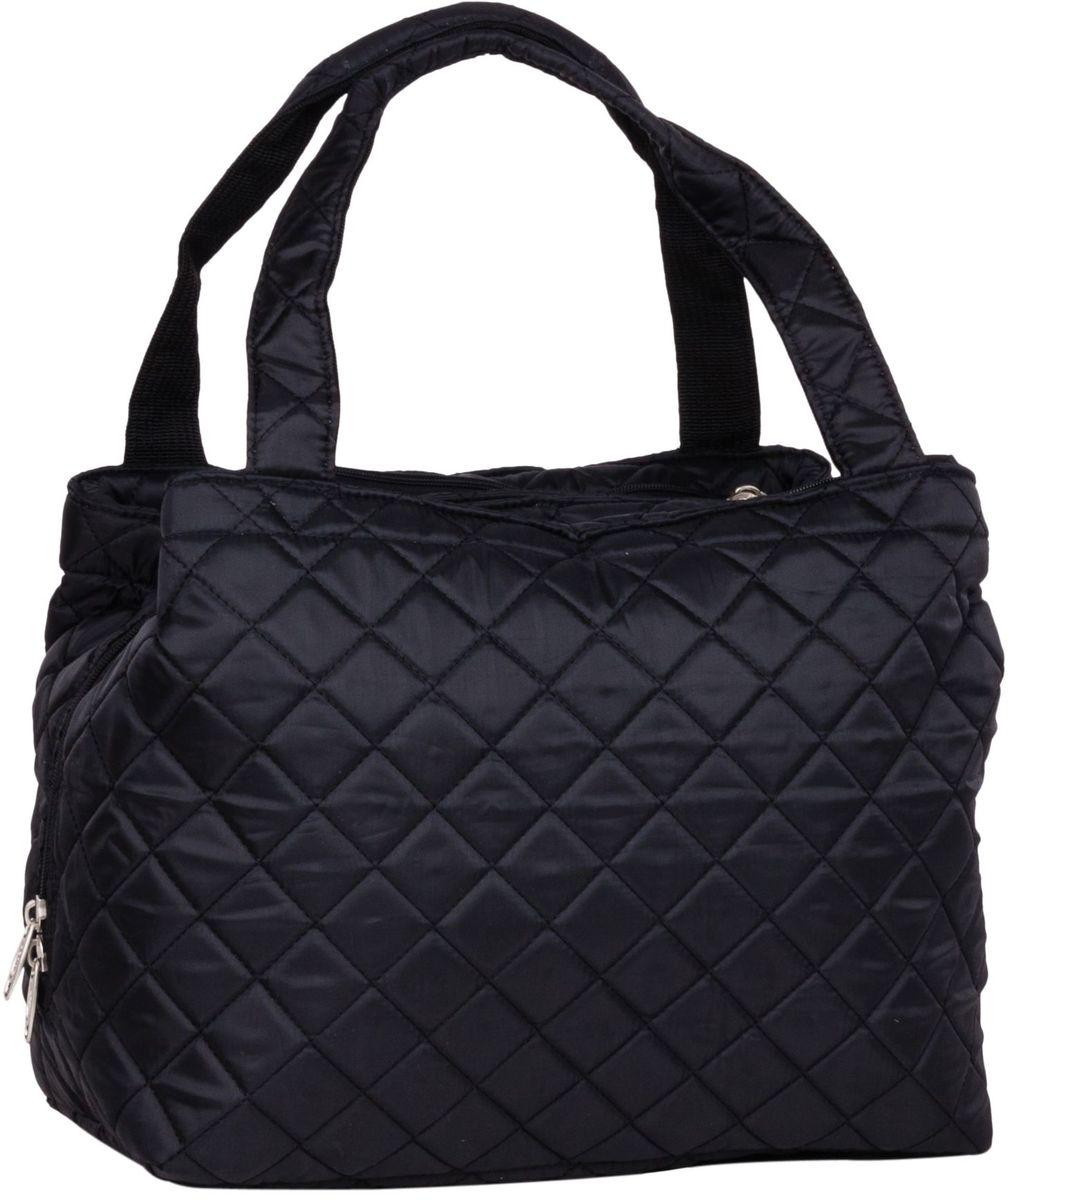 Сумка дорожная Polar Римини, цвет: черный, 25 л. П7077П7077Повседневная дорожная сумка Polar Римини выполнена из полиэстера. Сумка имеет 3 отделения, застегивающиеся на застёжку-молнию.